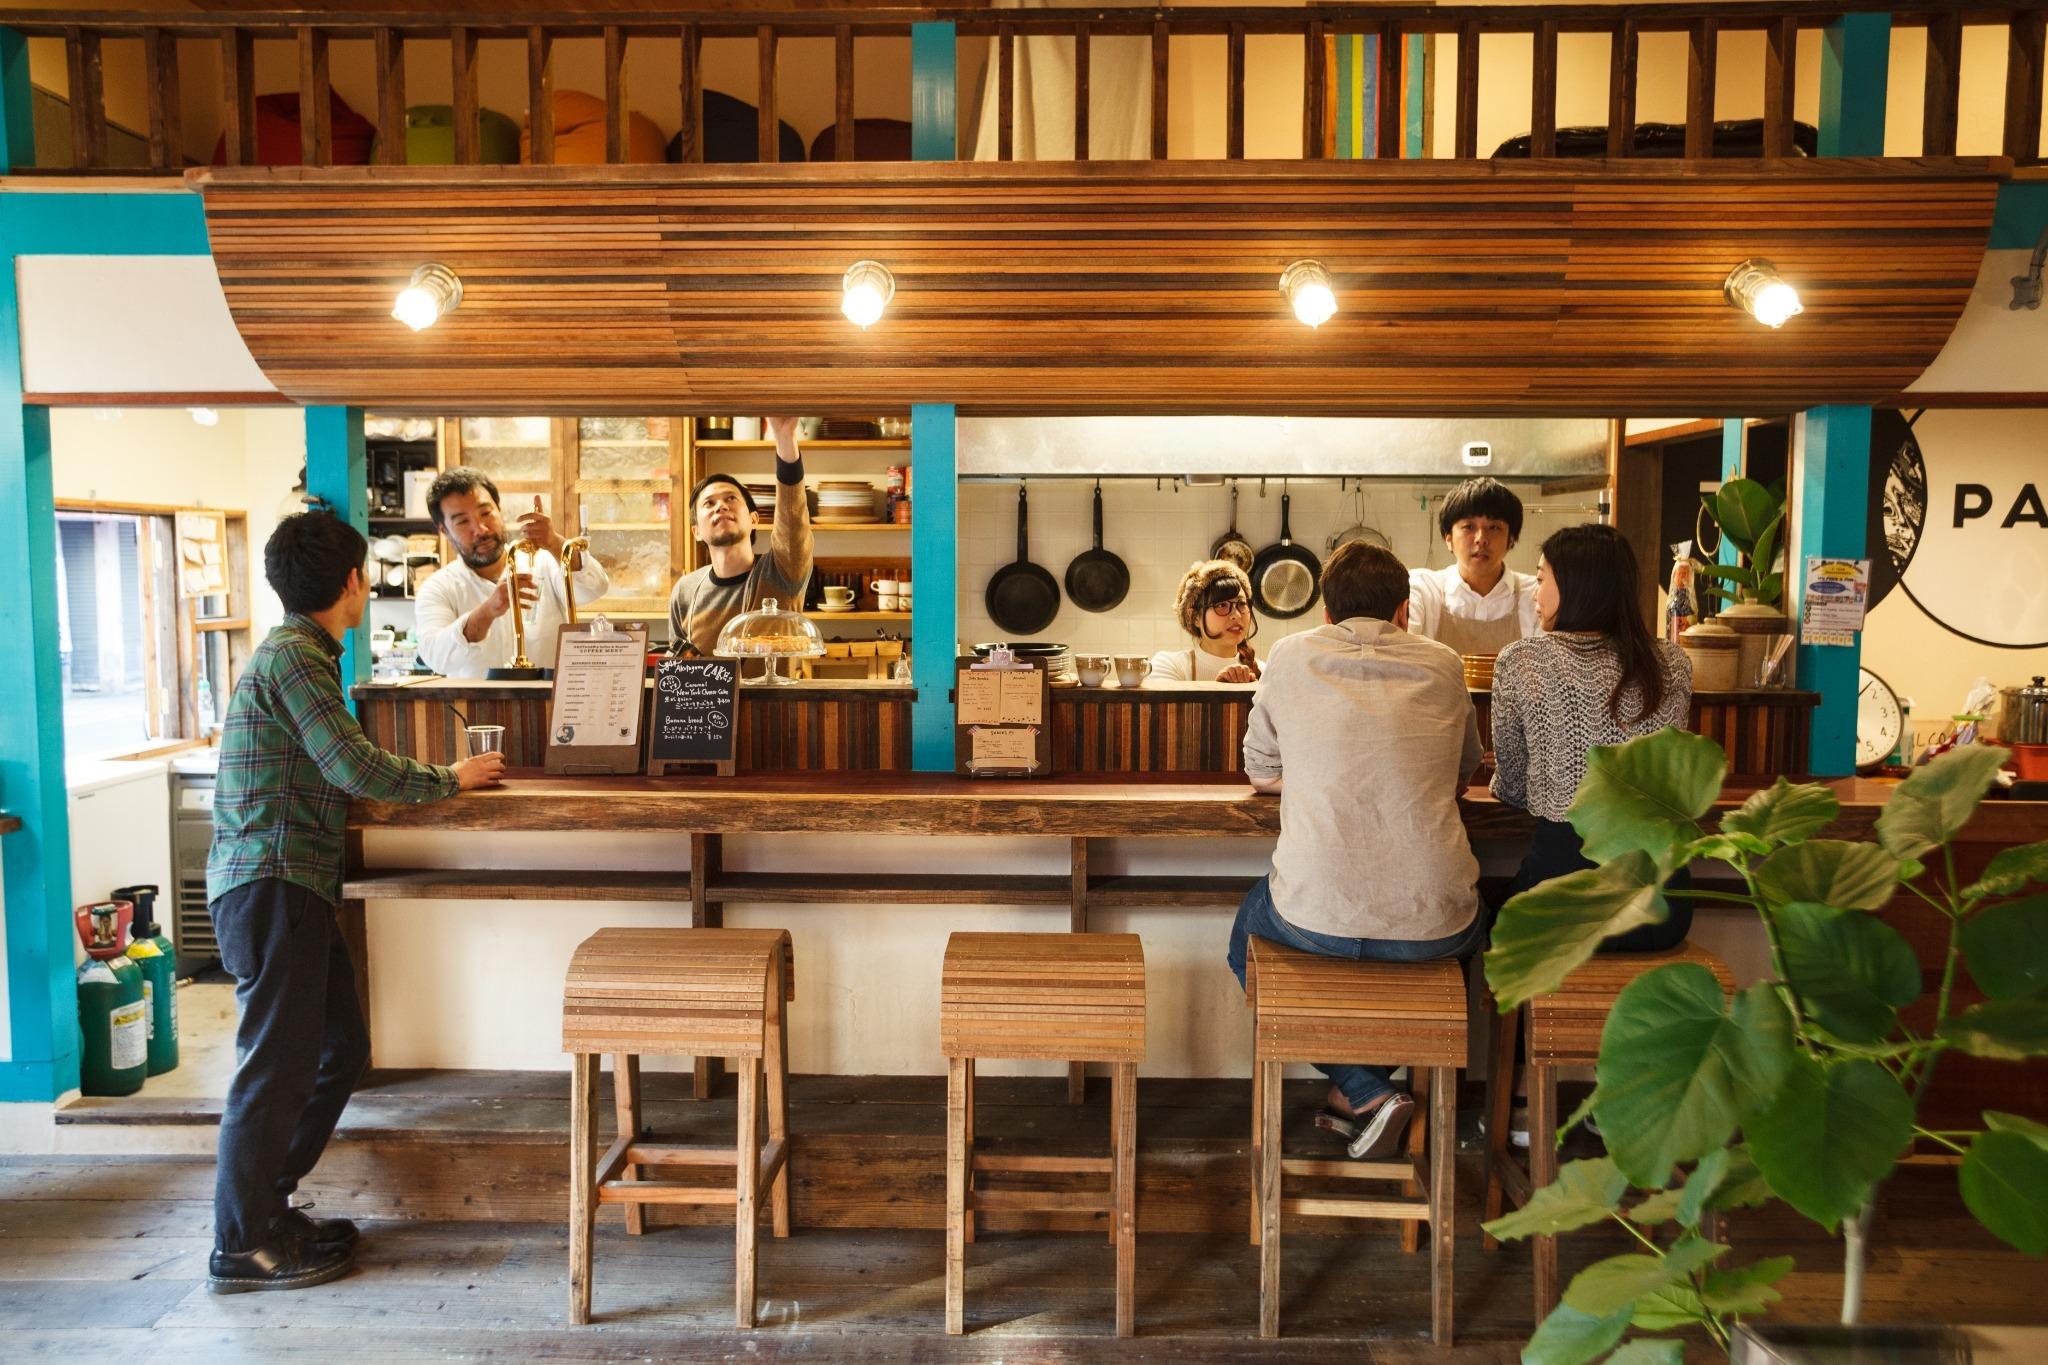 1階にはカフェとレコード屋も併設しており、朝食、自家焙煎のコーヒーやサンドウィッチ、お酒などをご注文頂けます。